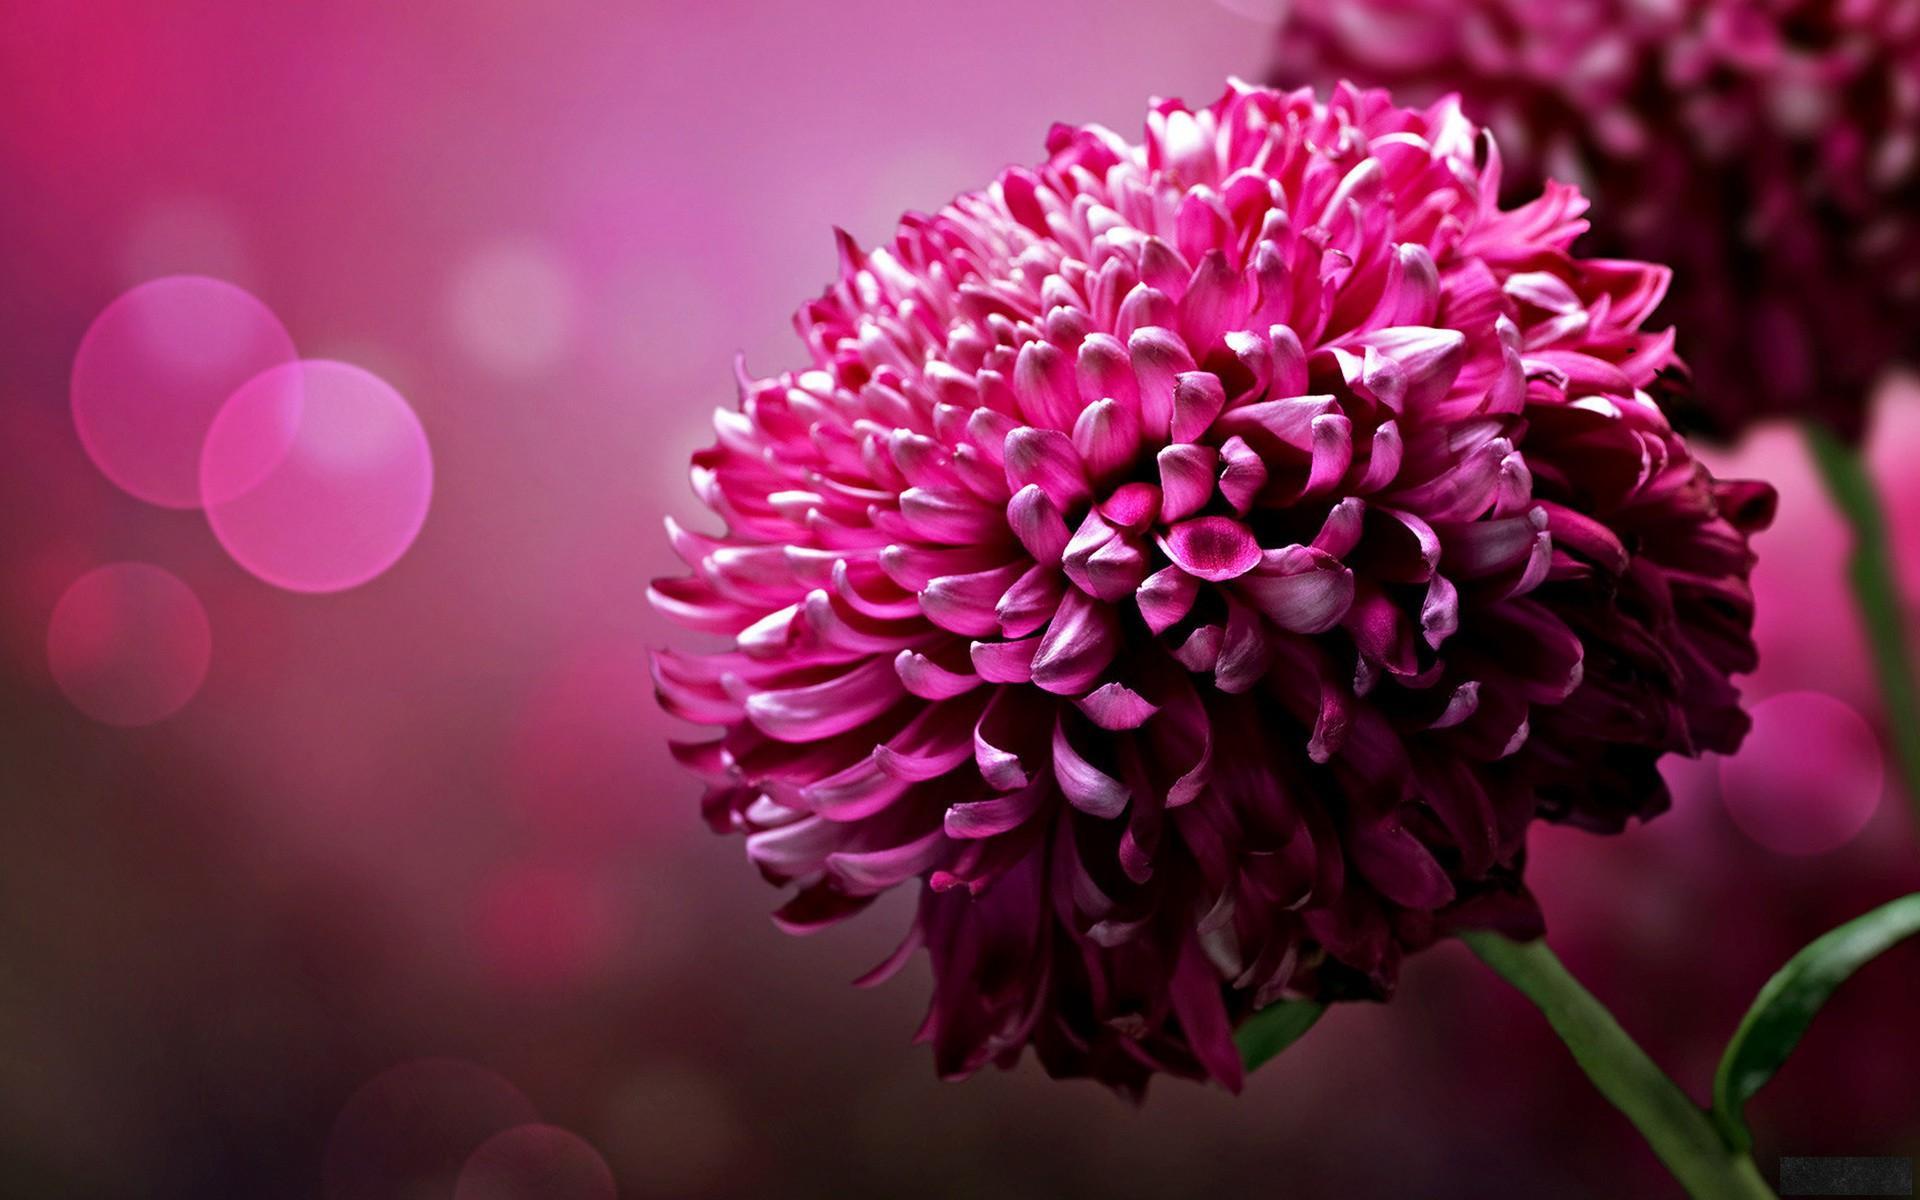 Pretty Flower HD wallpapers